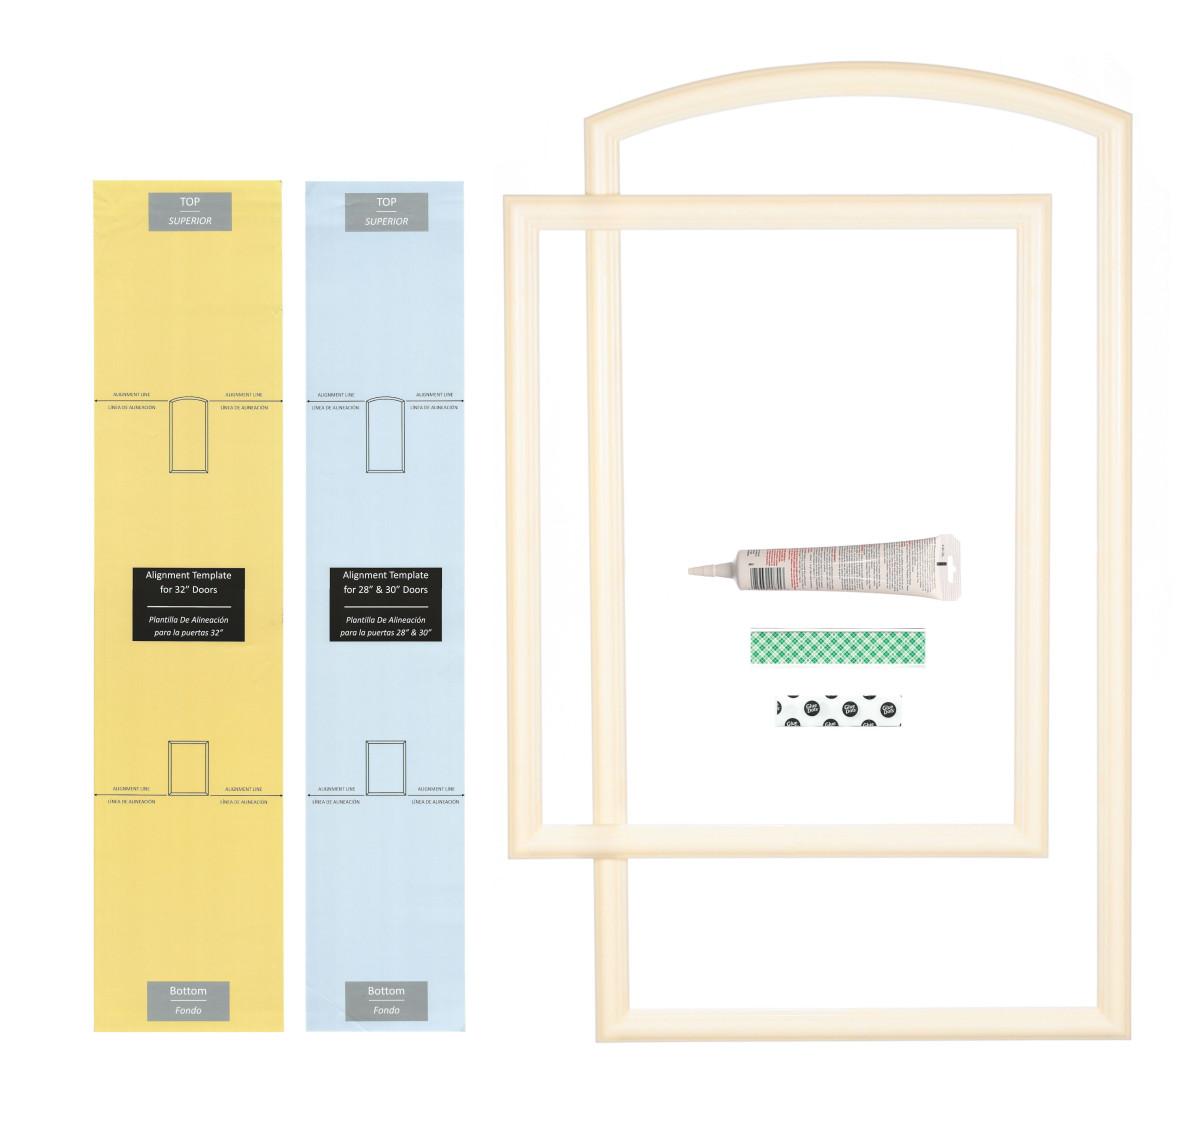 EZ-Door Trade Show Image ...  sc 1 st  Trevconn EZ-Door & EZ-Door Paneling Fast Easy Affordable | Trevconn EZ-Door